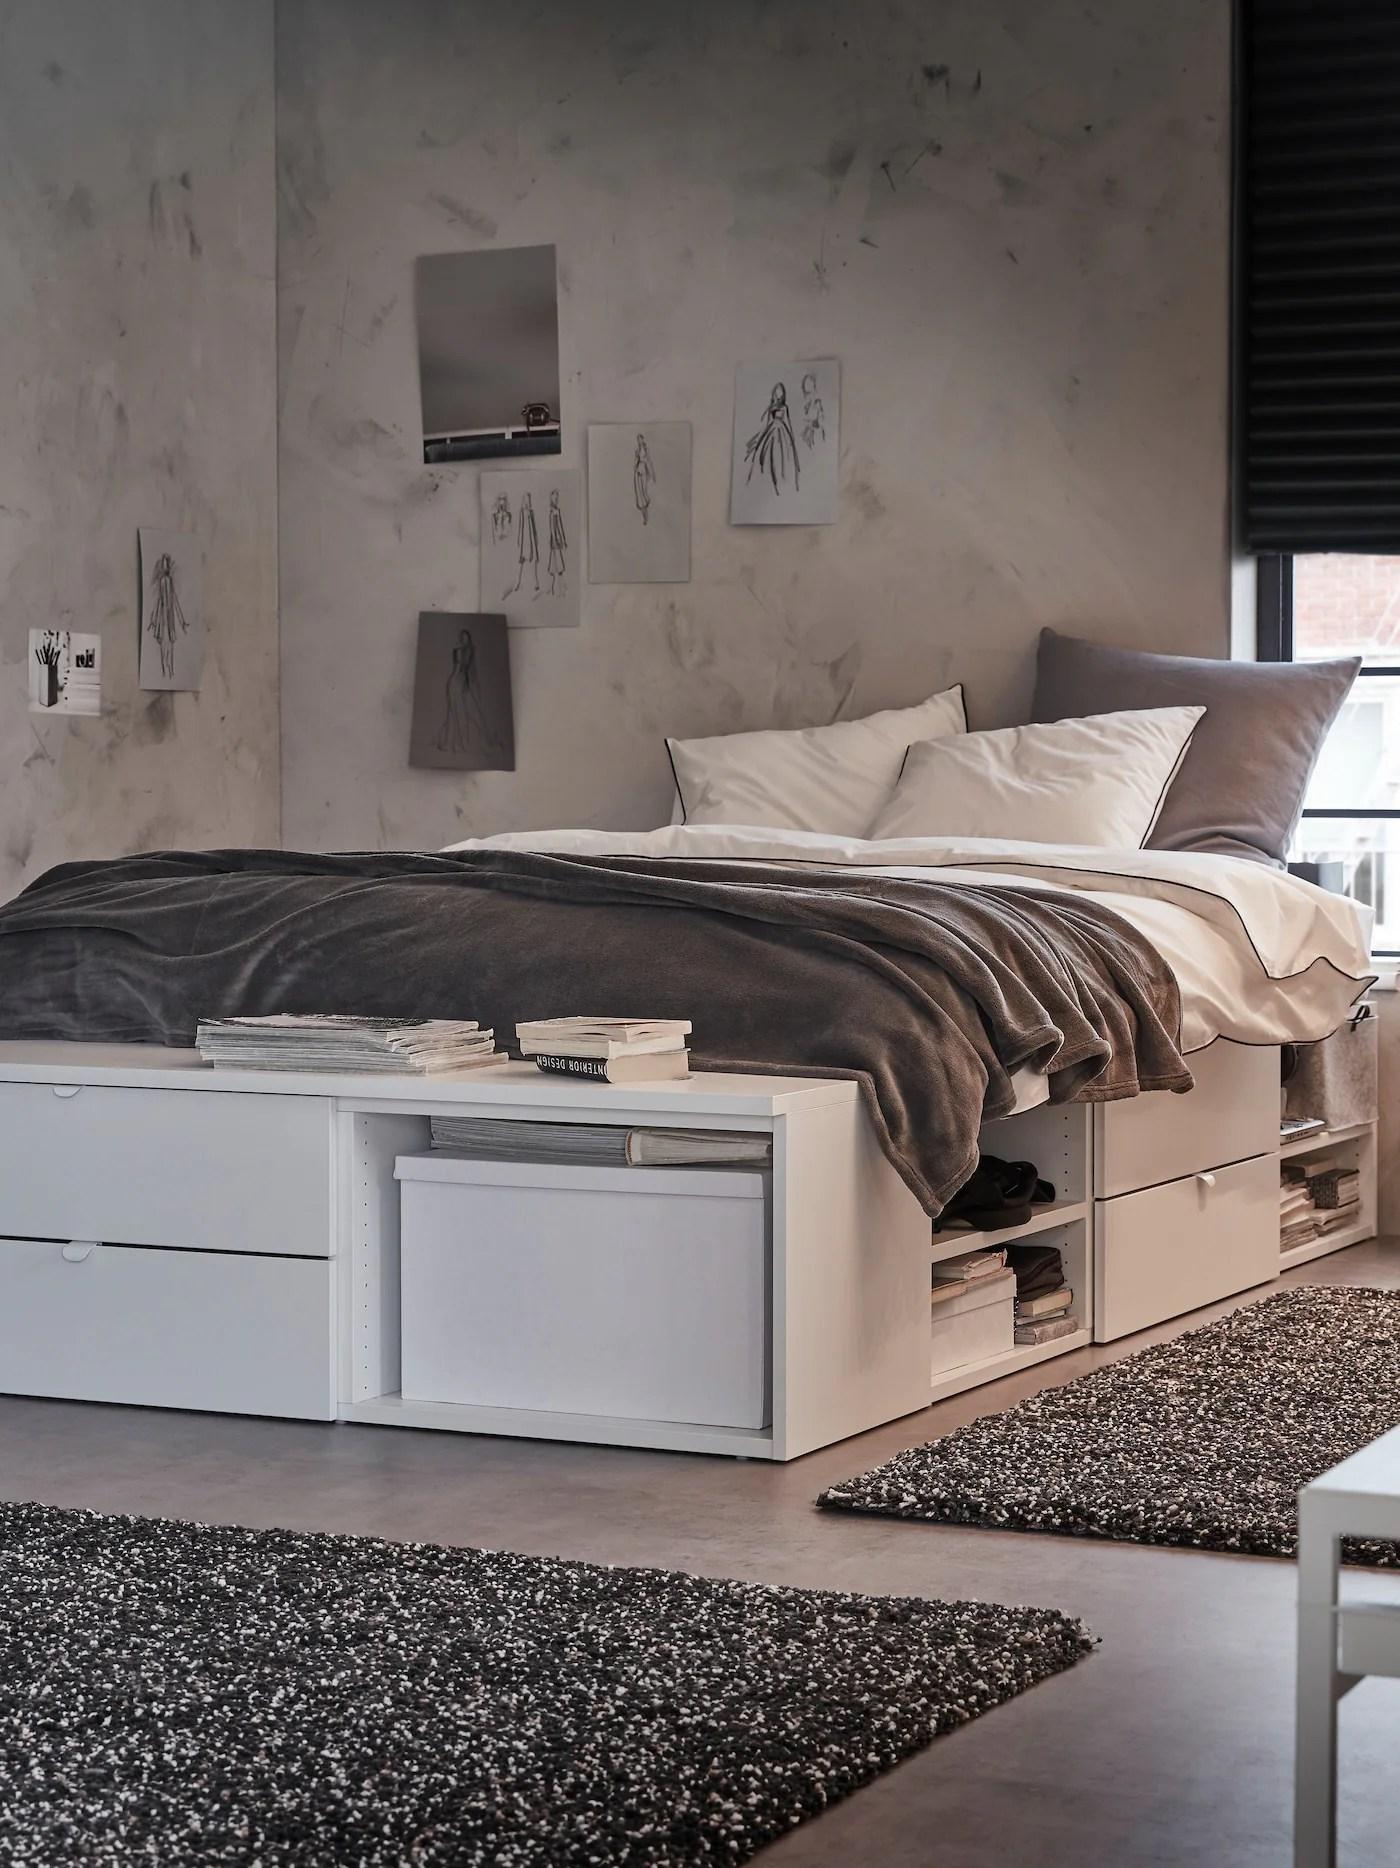 Vuoi una camera da letto sostenibile e di design sfoglia con noi il nuovo catalogo ikea 2021 tantissime soluzioni a prezzi contenuti vediamole insieme. Idee Per L Arredamento Per La Camera Da Letto Ikea Svizzera